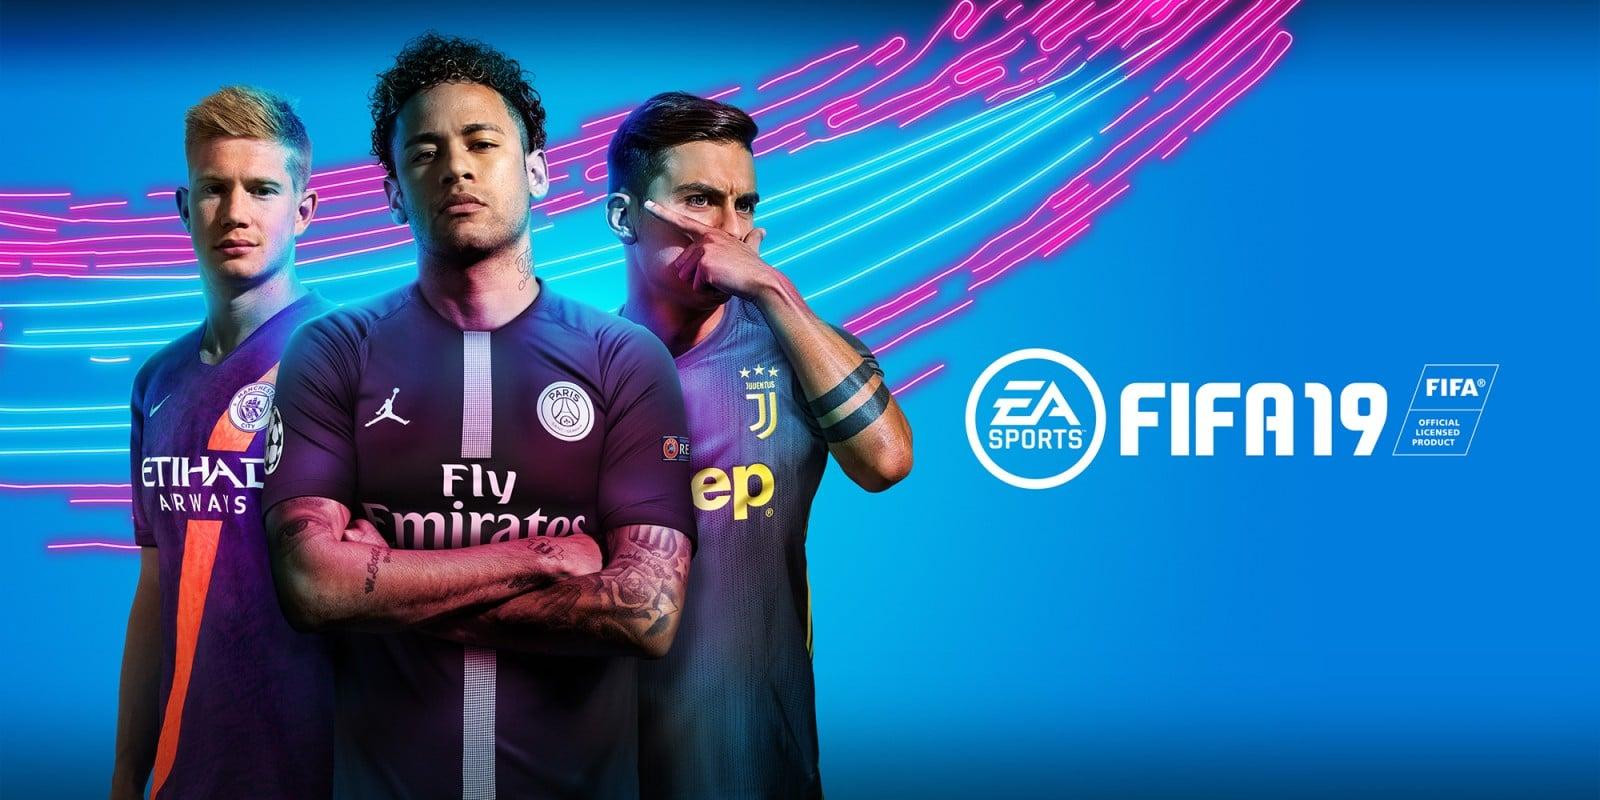 Requisitos para instalar FIFA 19